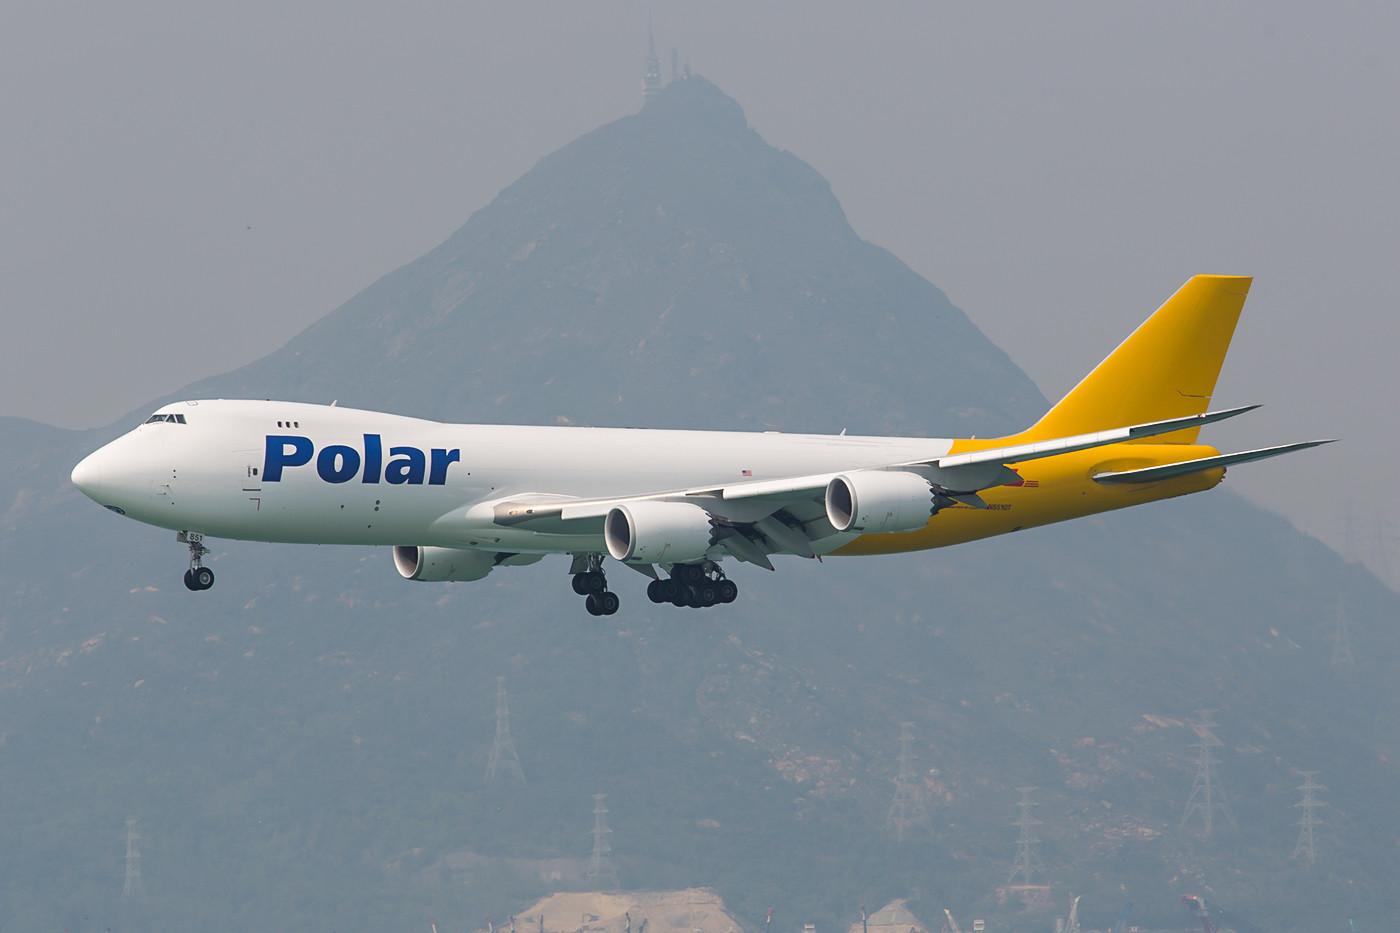 Mittlerweile vier Boeing 747-8UF betreibt Polar Air Cargo. Man ist u.a. damit auch für den DHL unterwegs.